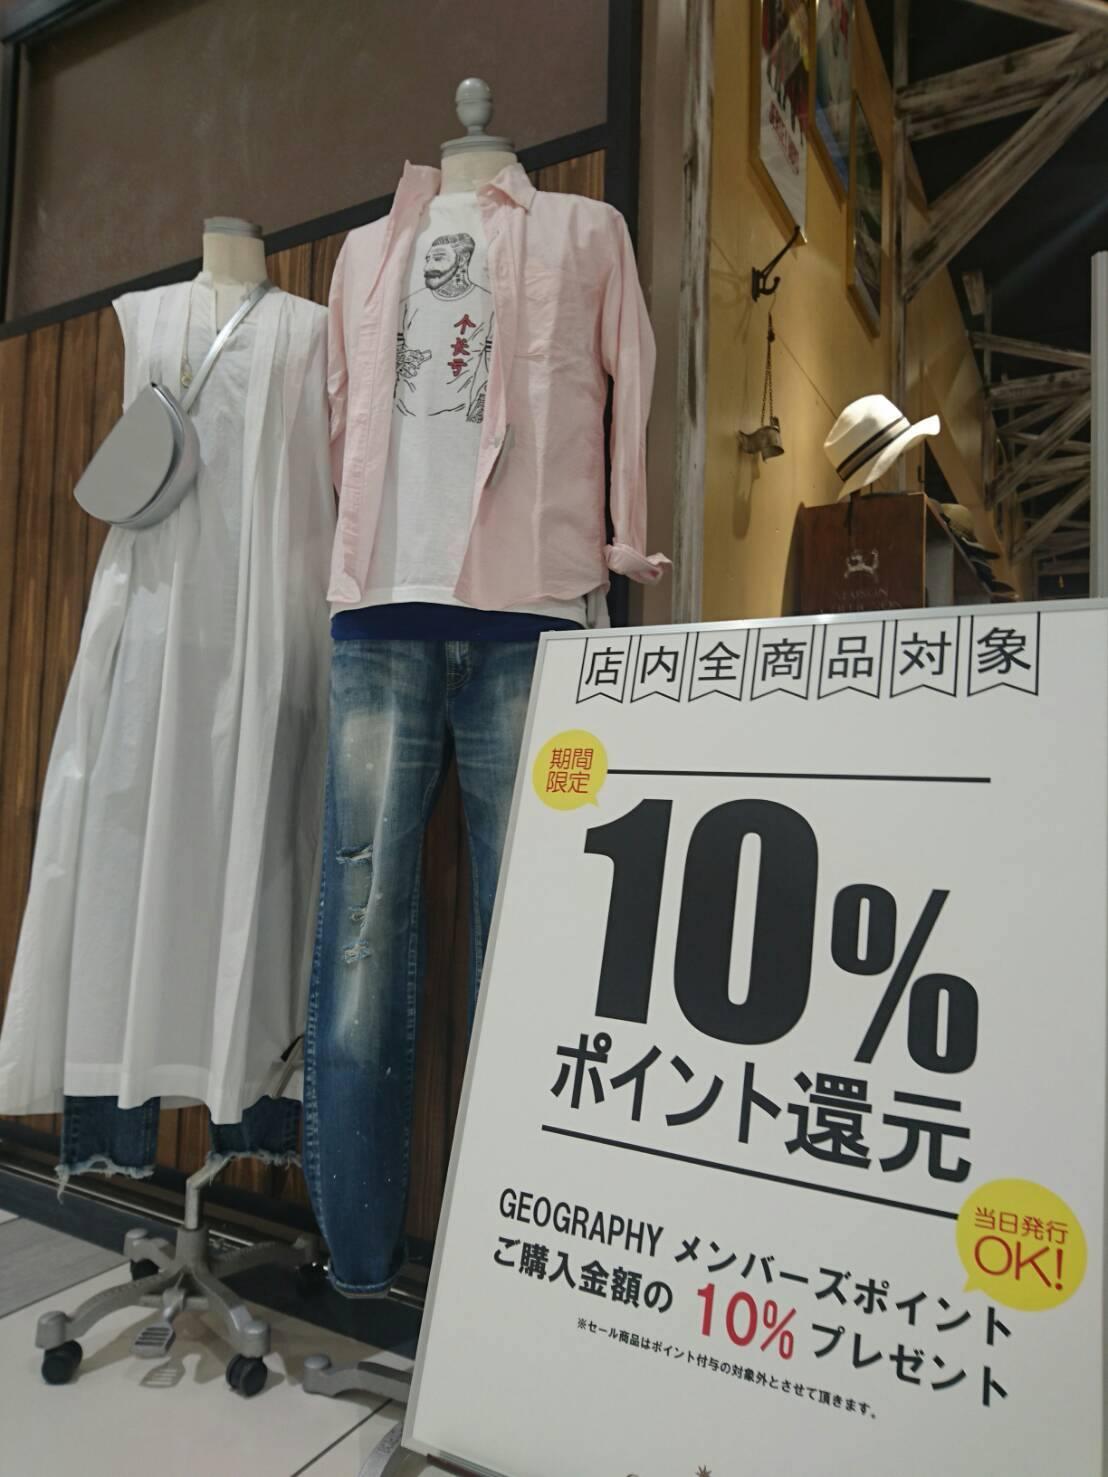 イオンモール大和郡山店 ★本日~22(月)まで店内10倍ポイント開催!!